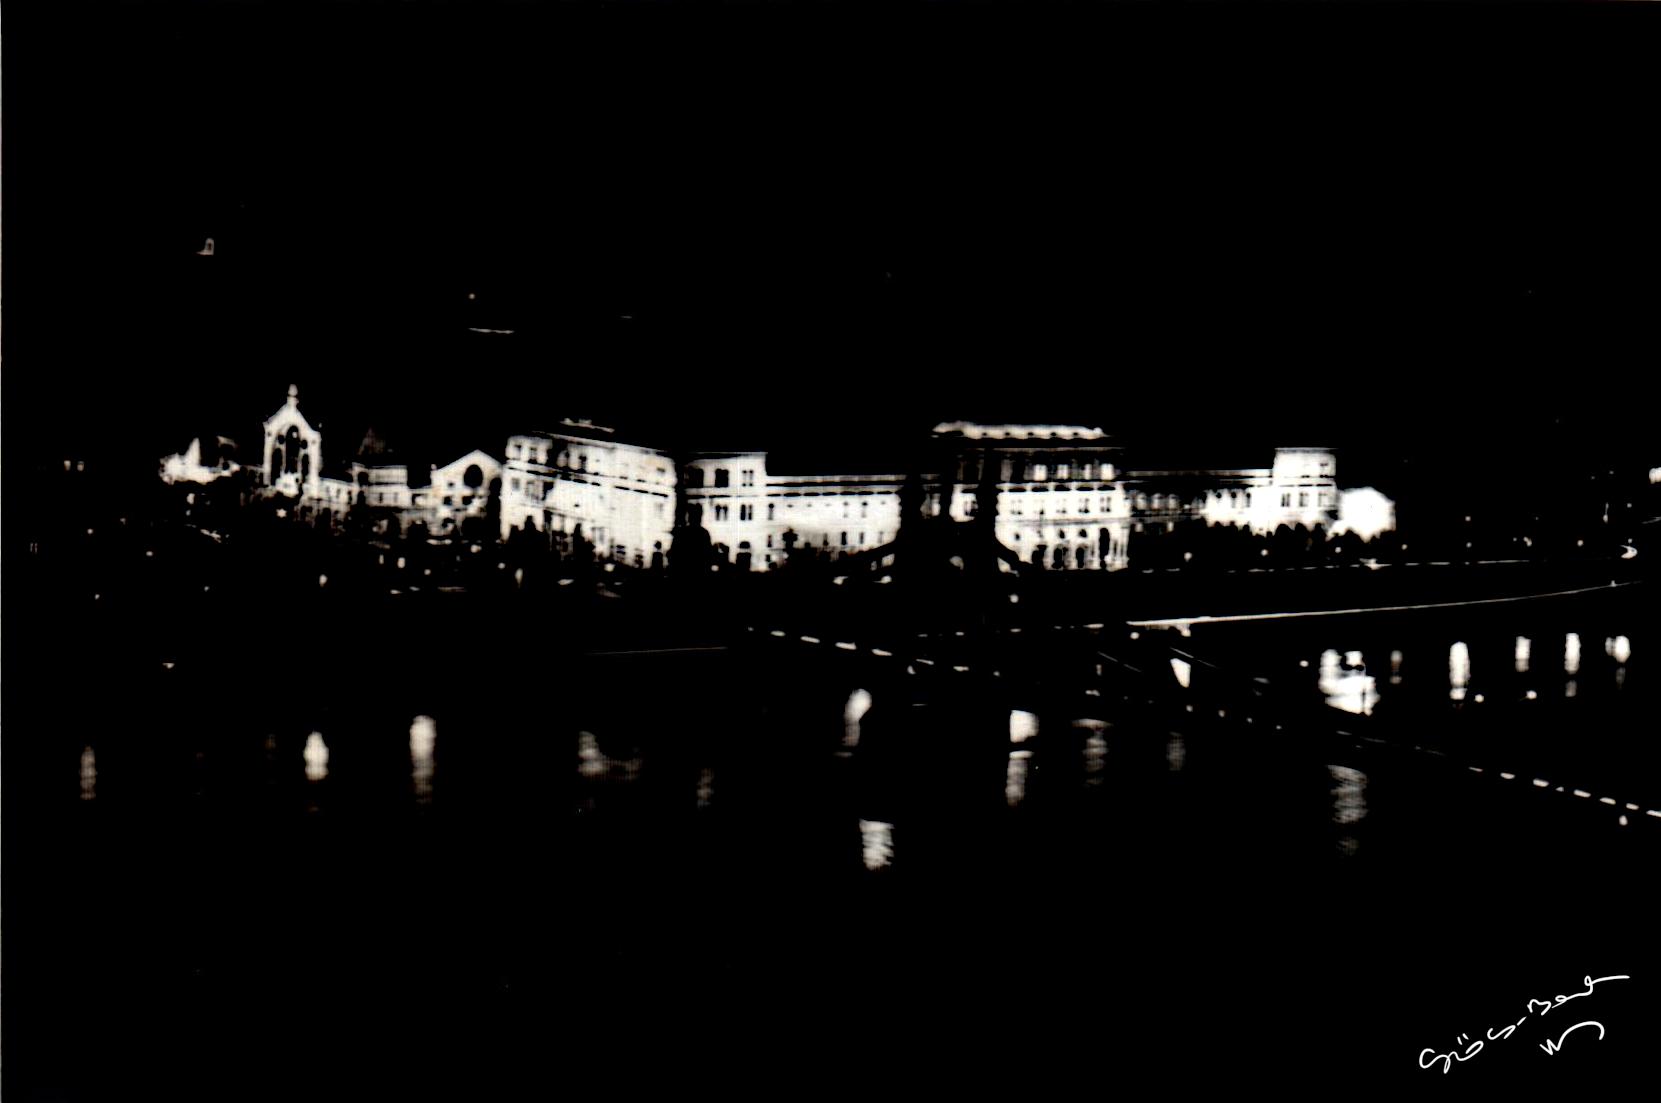 ejjeli_budapest_01.png